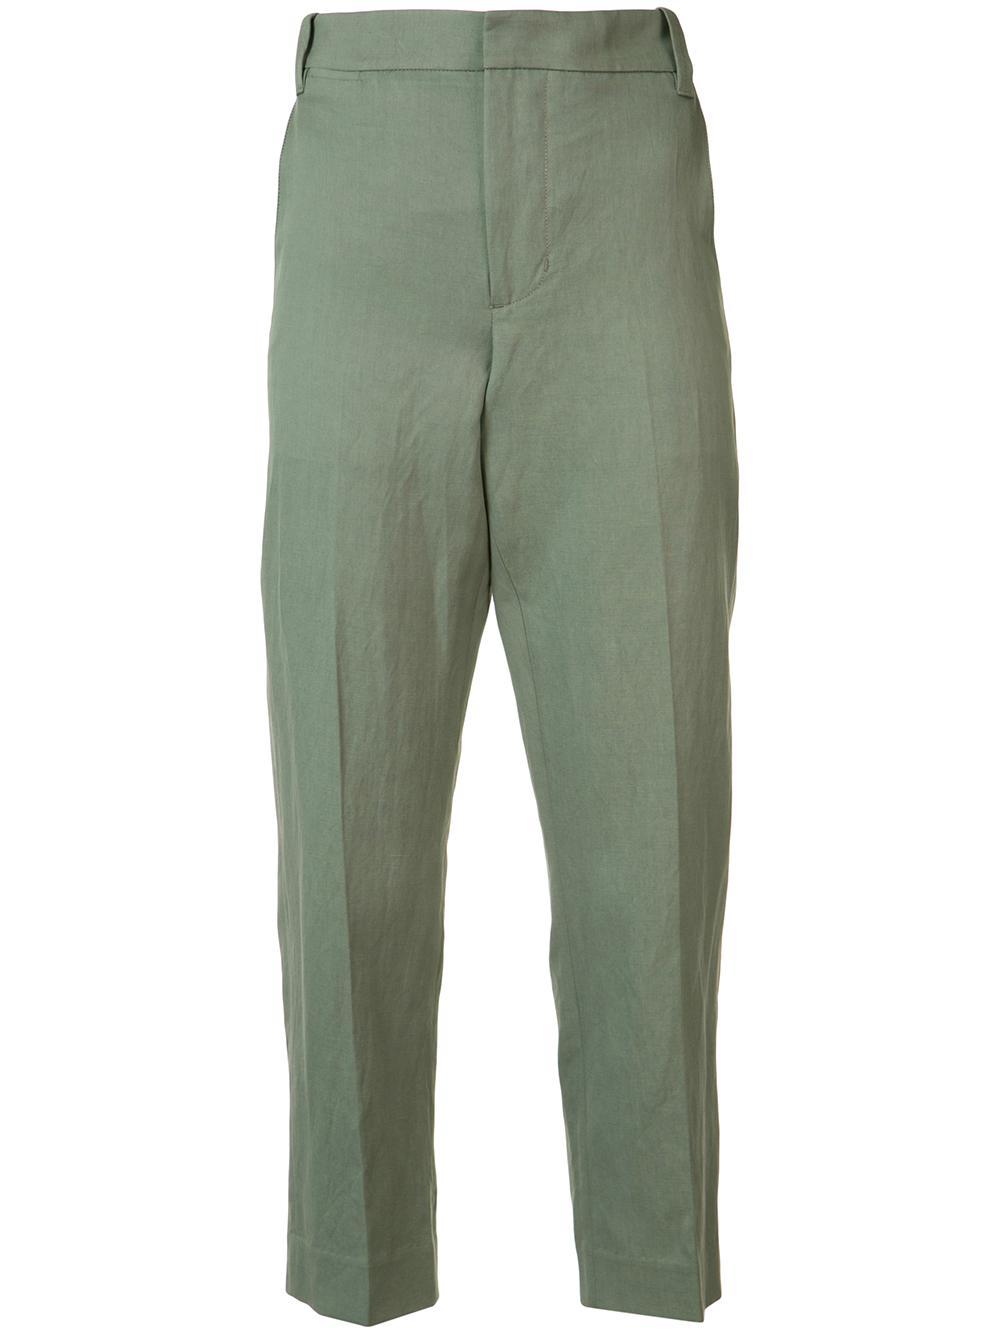 Coin Pocket Crop Linen Trouser Item # V404521394